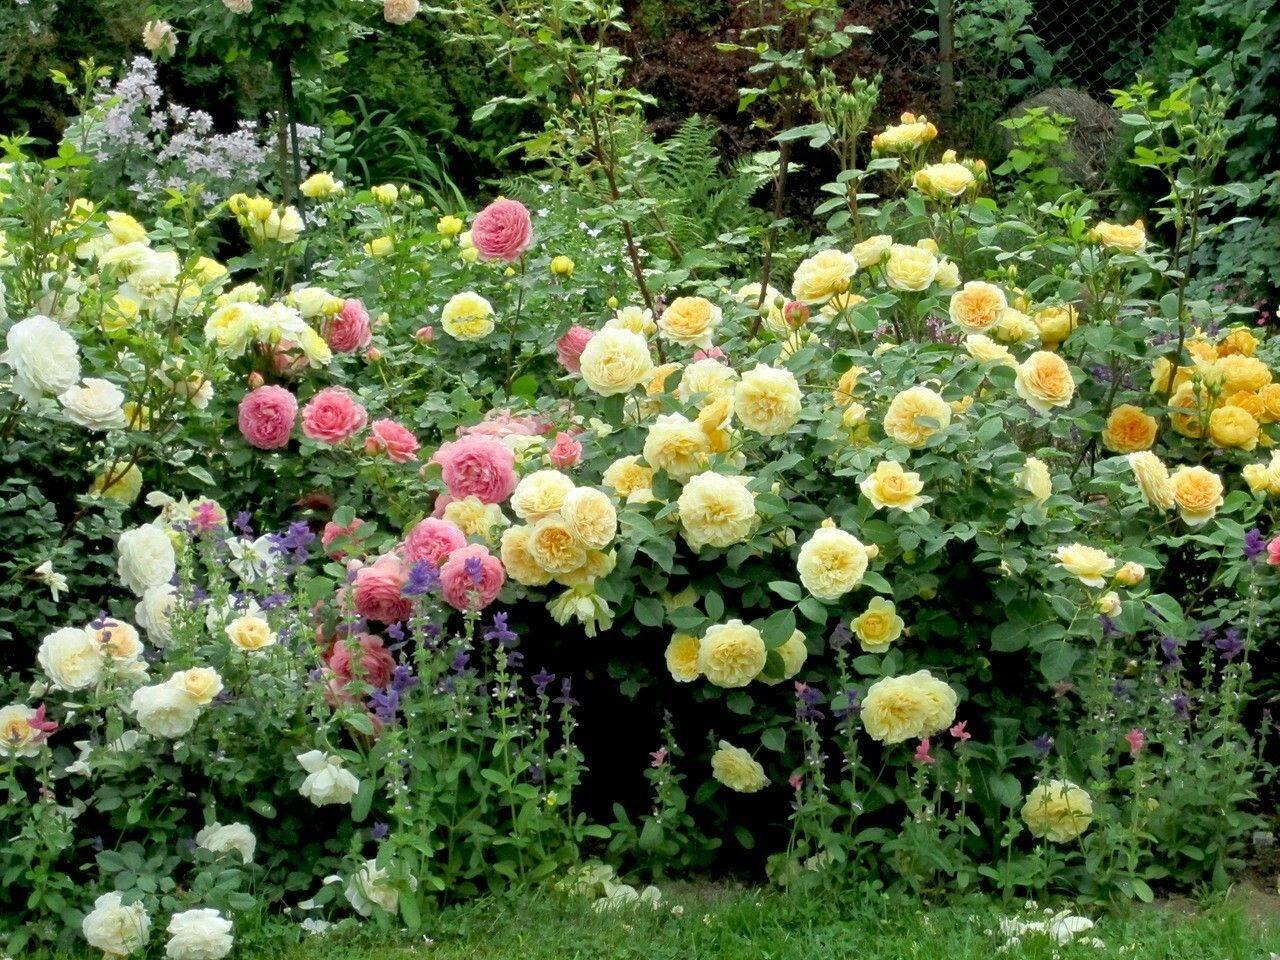 Роза «фламентанц» (24 фото): описание, посадка и уход за плетистым ландшафтным сортом роз, обрезка и выбор опоры, отзывы